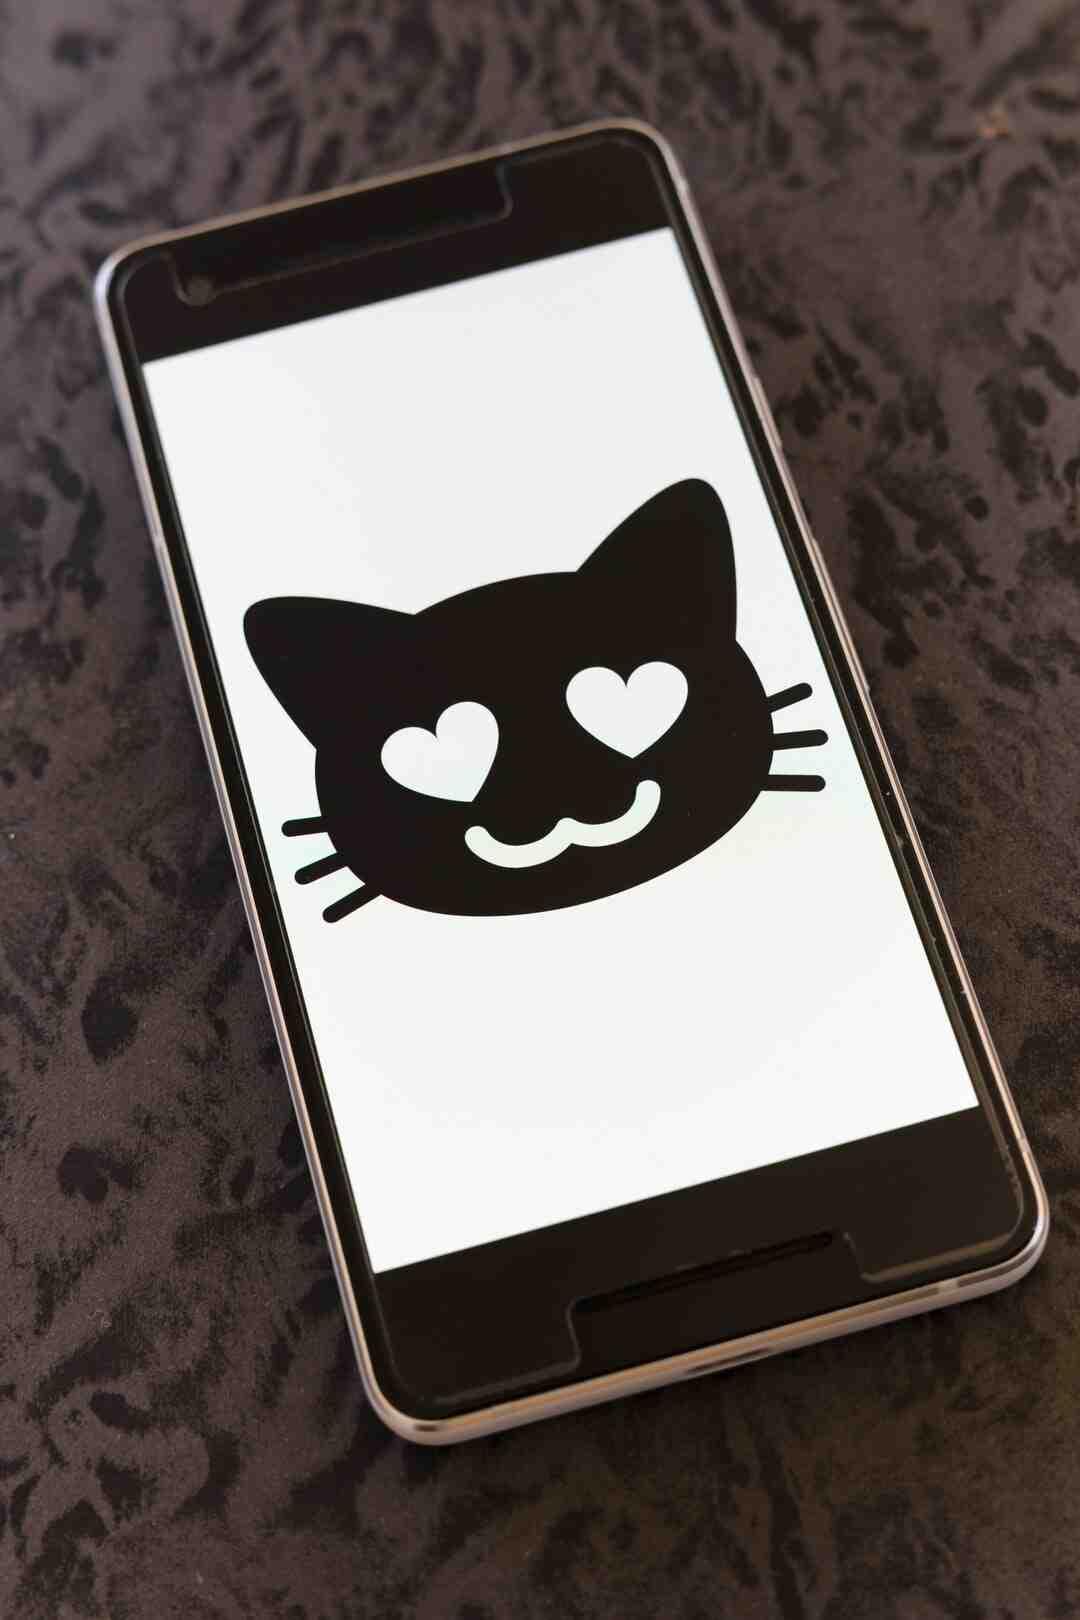 Comment avoir les smileys d'iPhone sur Android ?